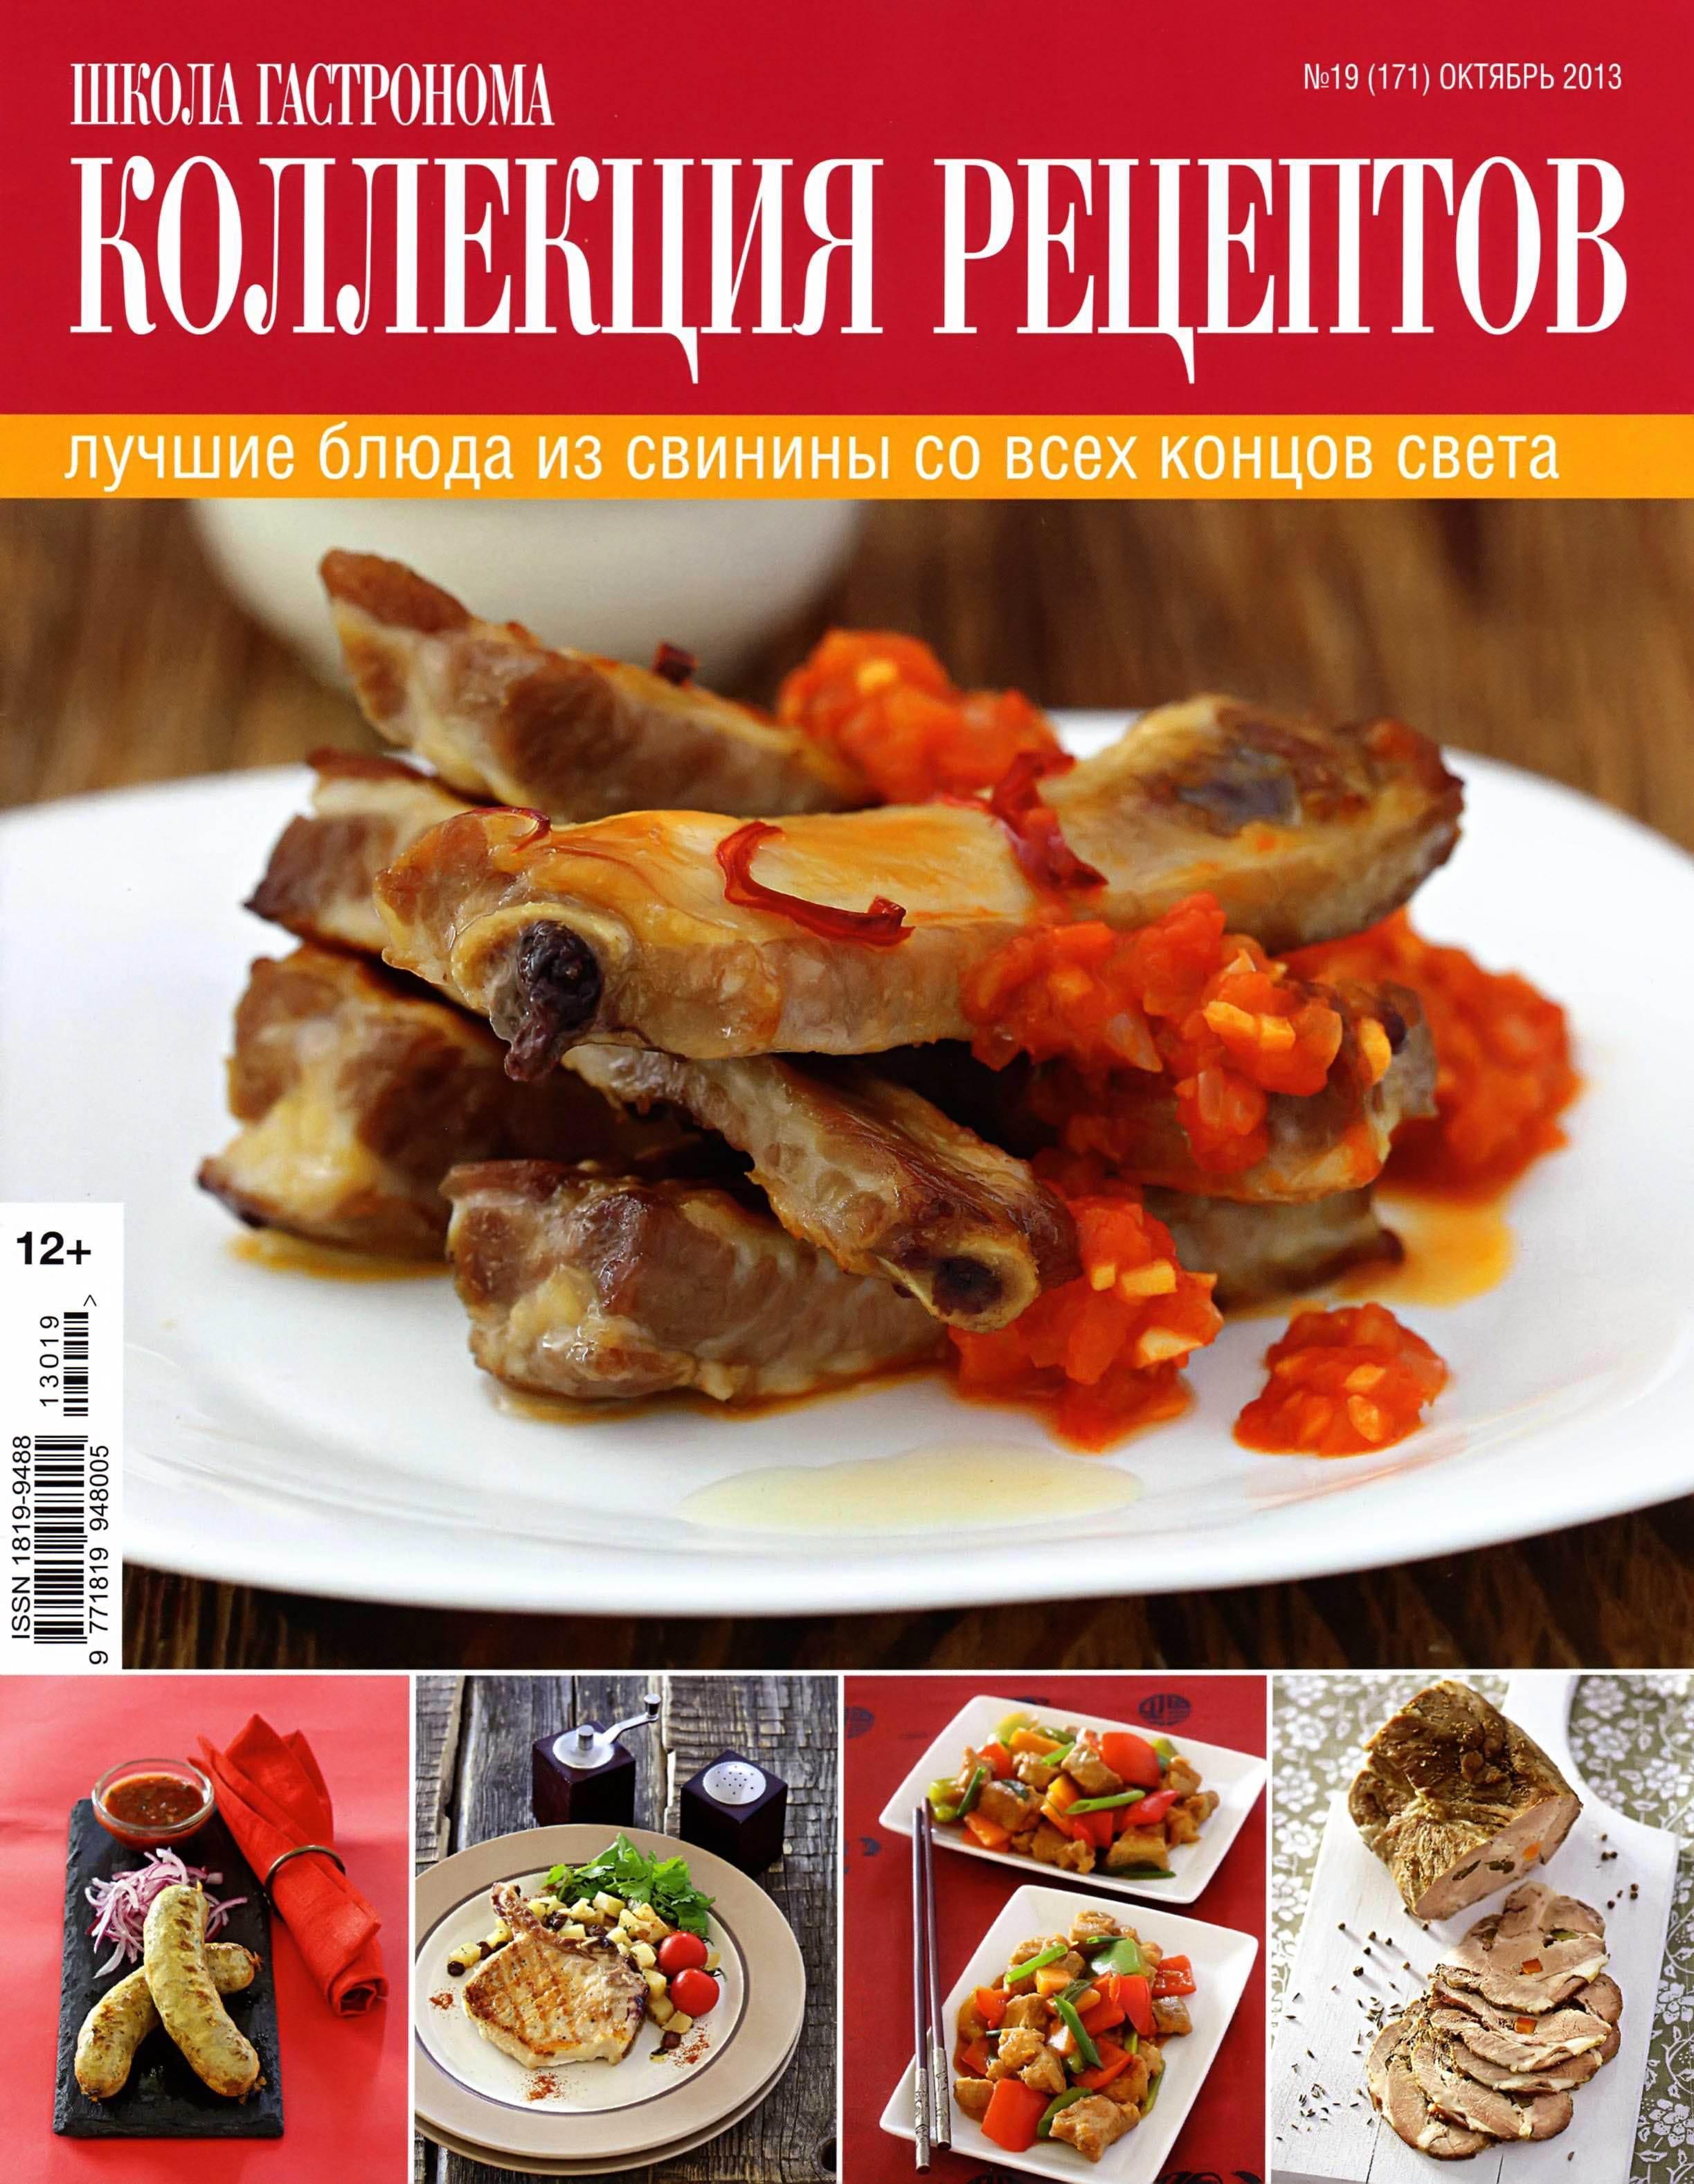 SHkola gastronoma. Kollektsiya retseptov    19 2013 goda Школа гастронома. Коллекция рецептов №17 2013 года